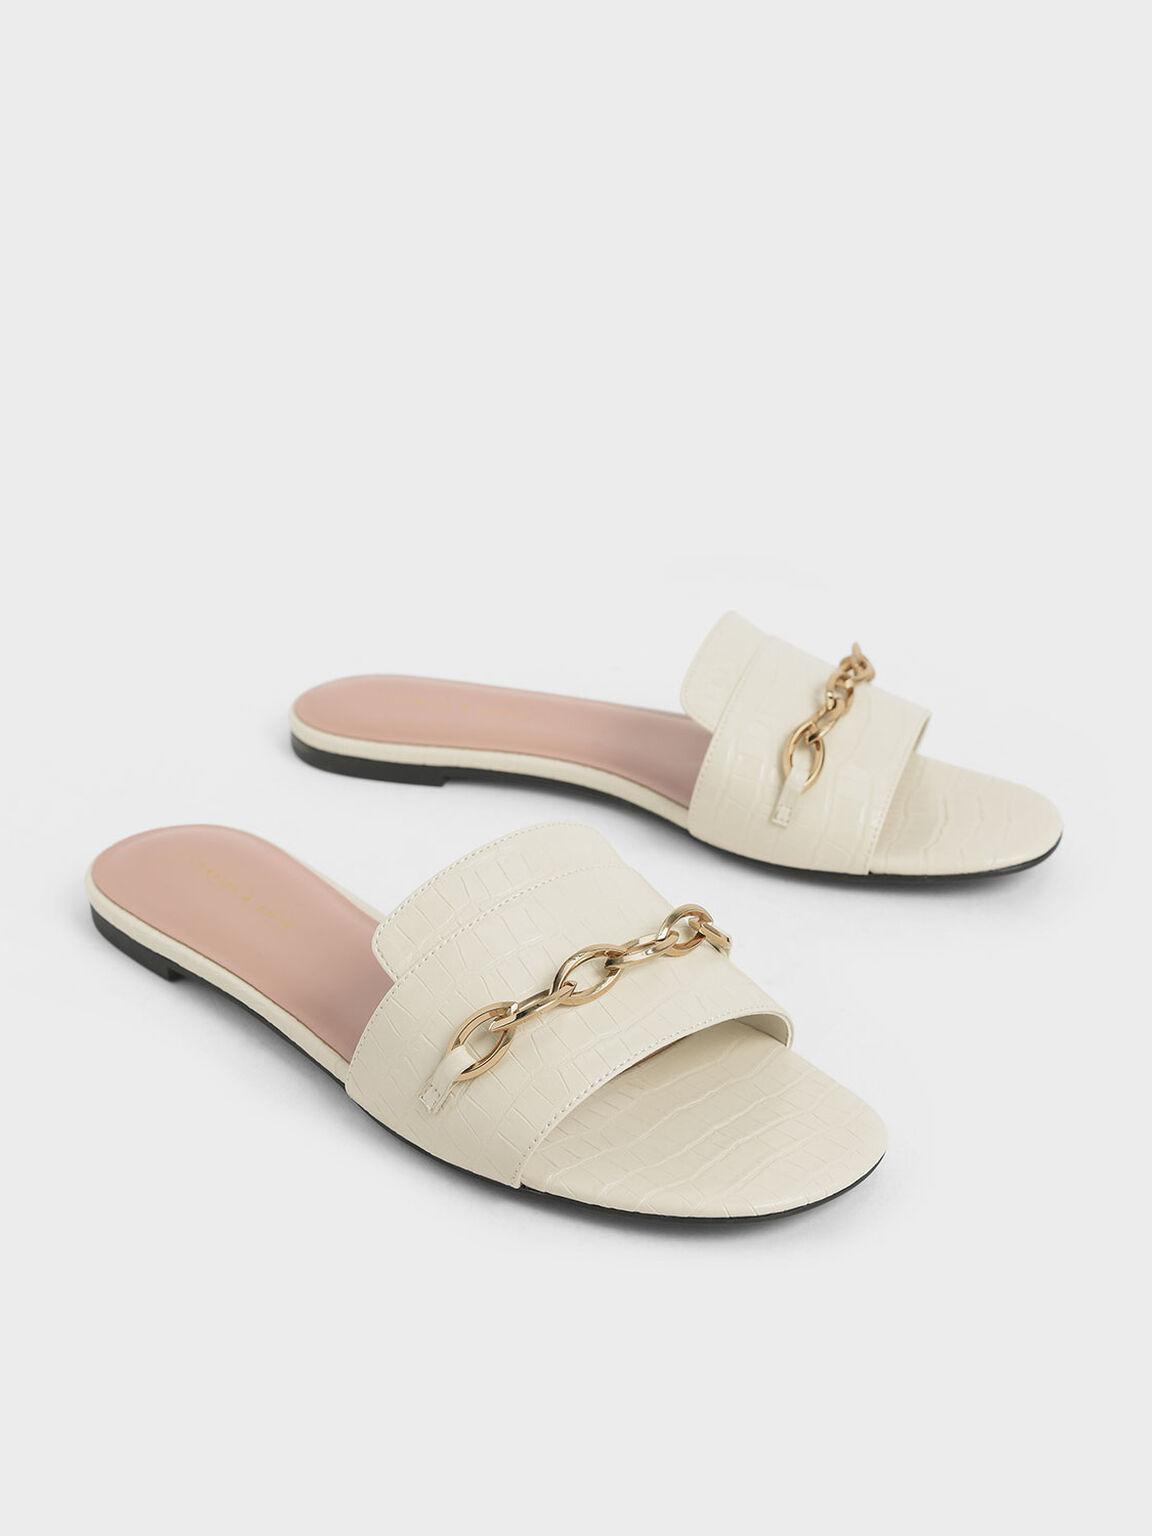 鱷魚紋鍊條拖鞋, 石灰白, hi-res